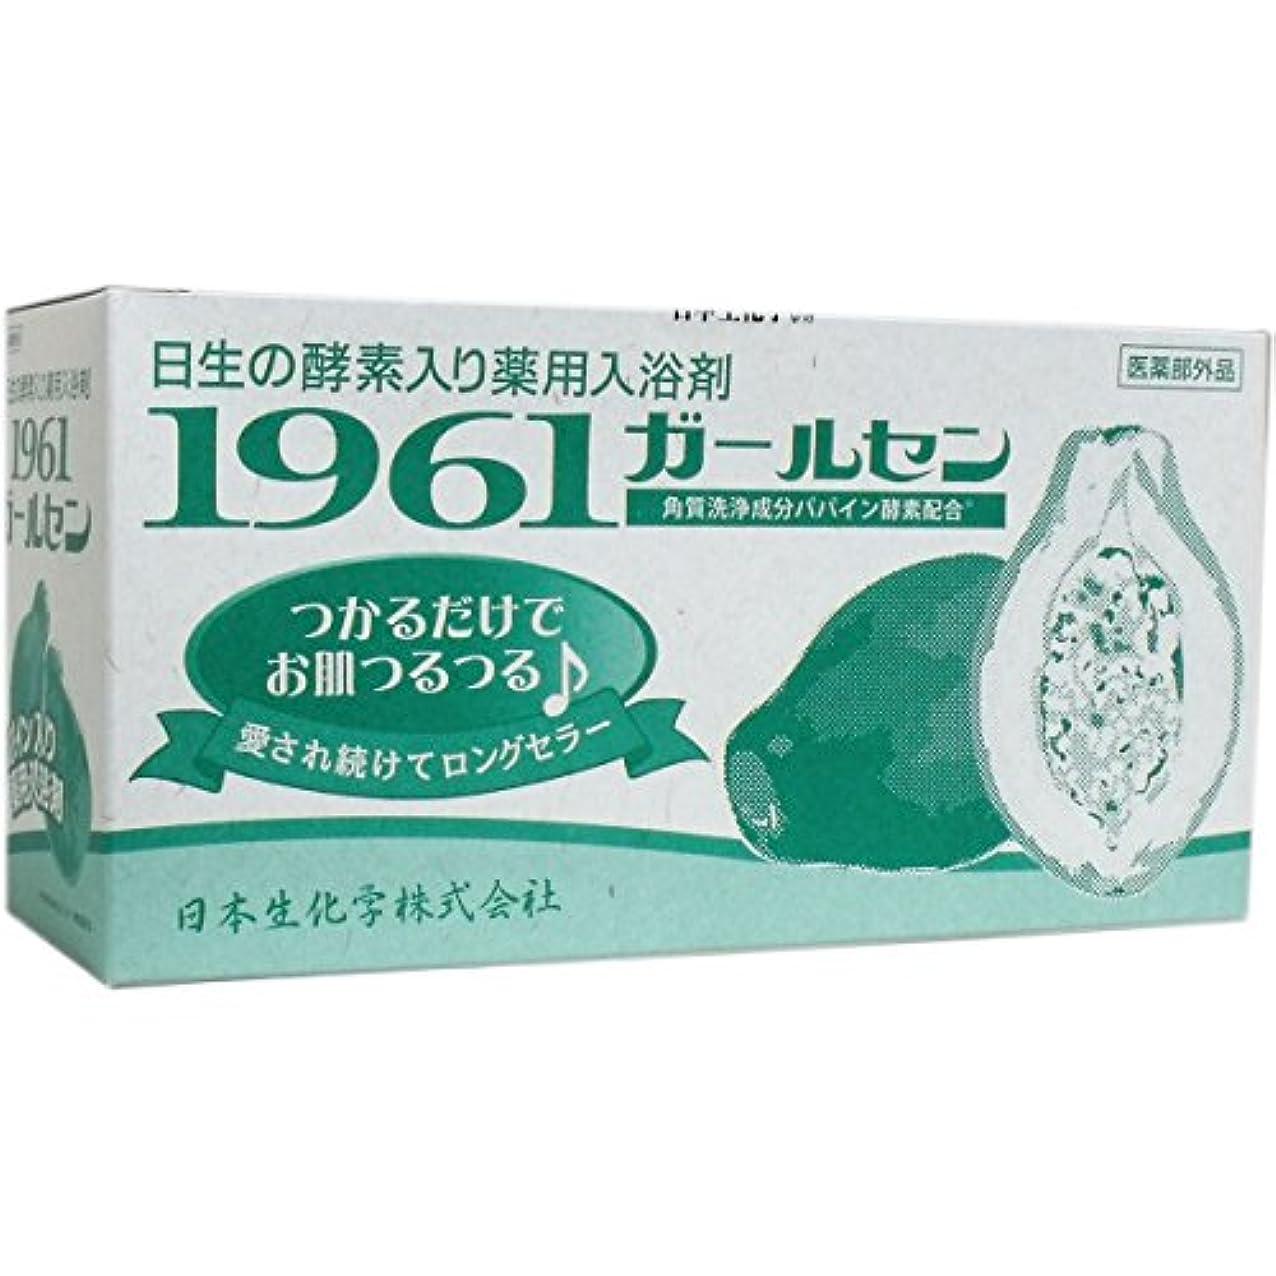 虚弱ジョブ中性パパイン酵素配合 薬用入浴剤 1961ガールセン 30包 [並行輸入品]